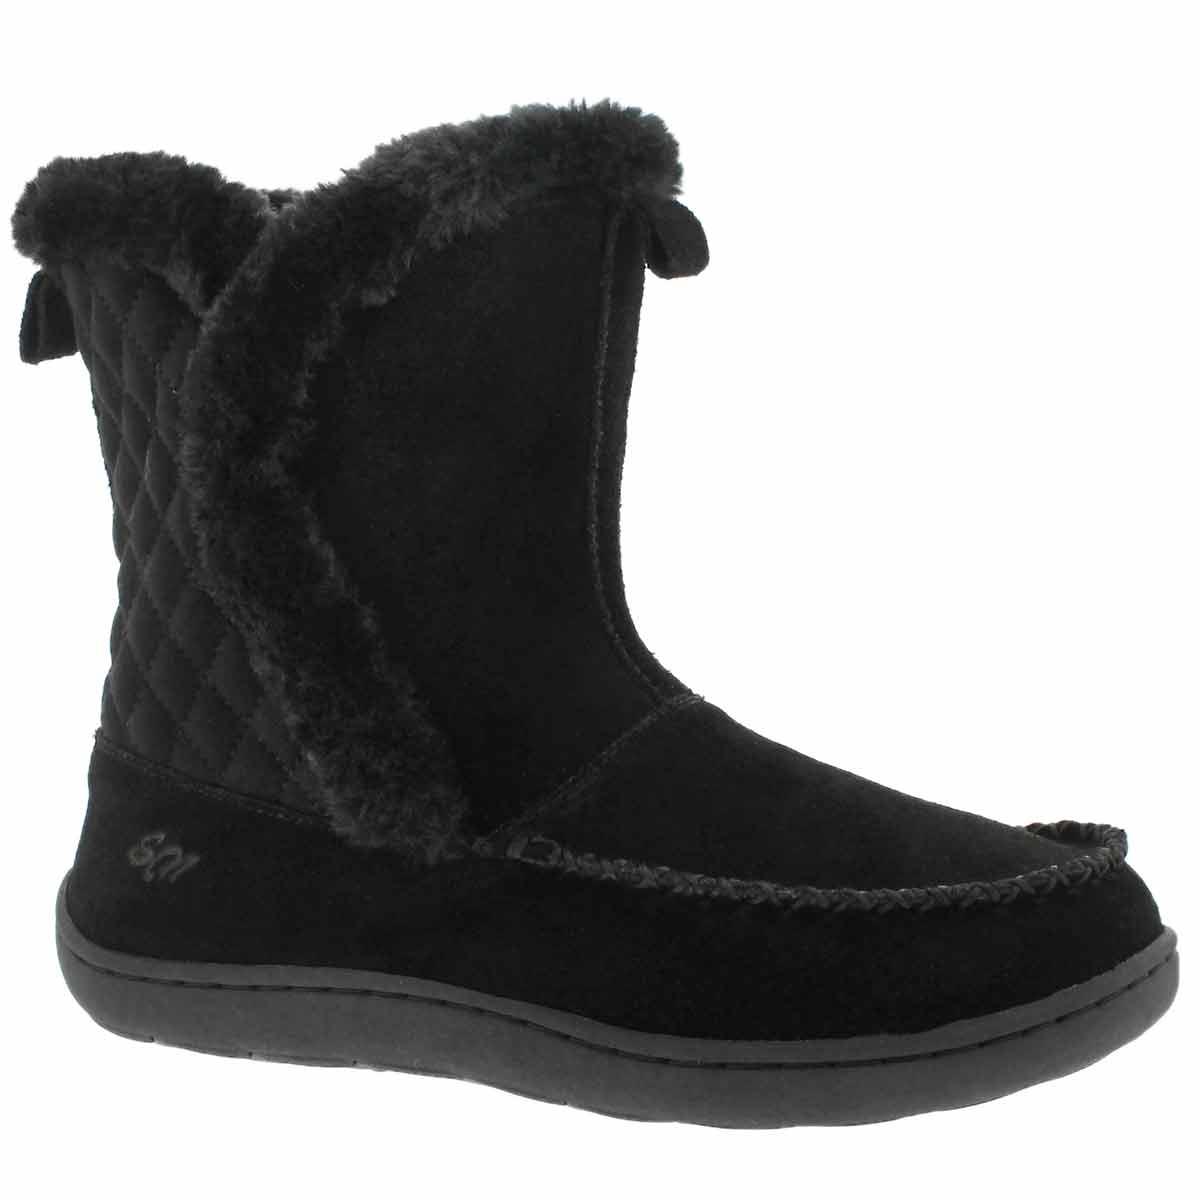 Women's PHOEBE HI black suede slipper booties